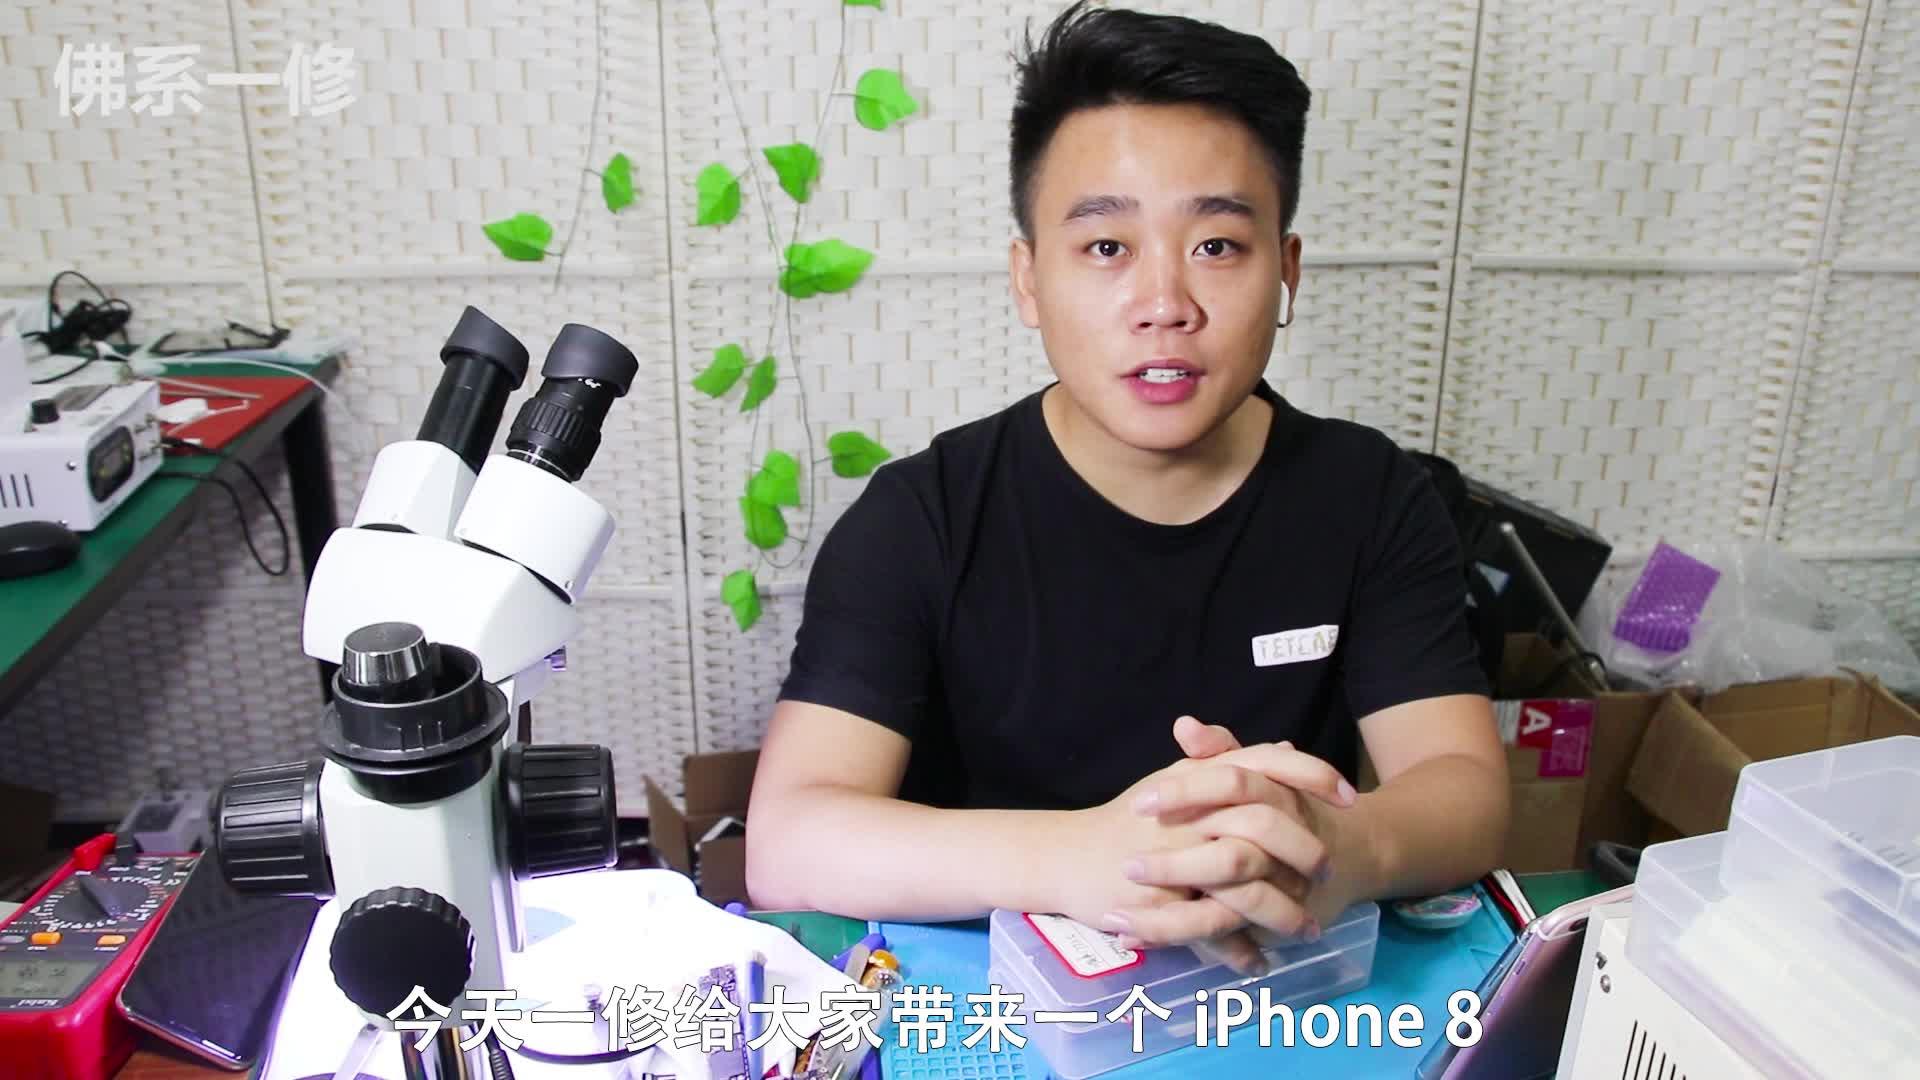 神奇的iPhone8用原装屏没触摸换组装屏正常拆机看看什么情况